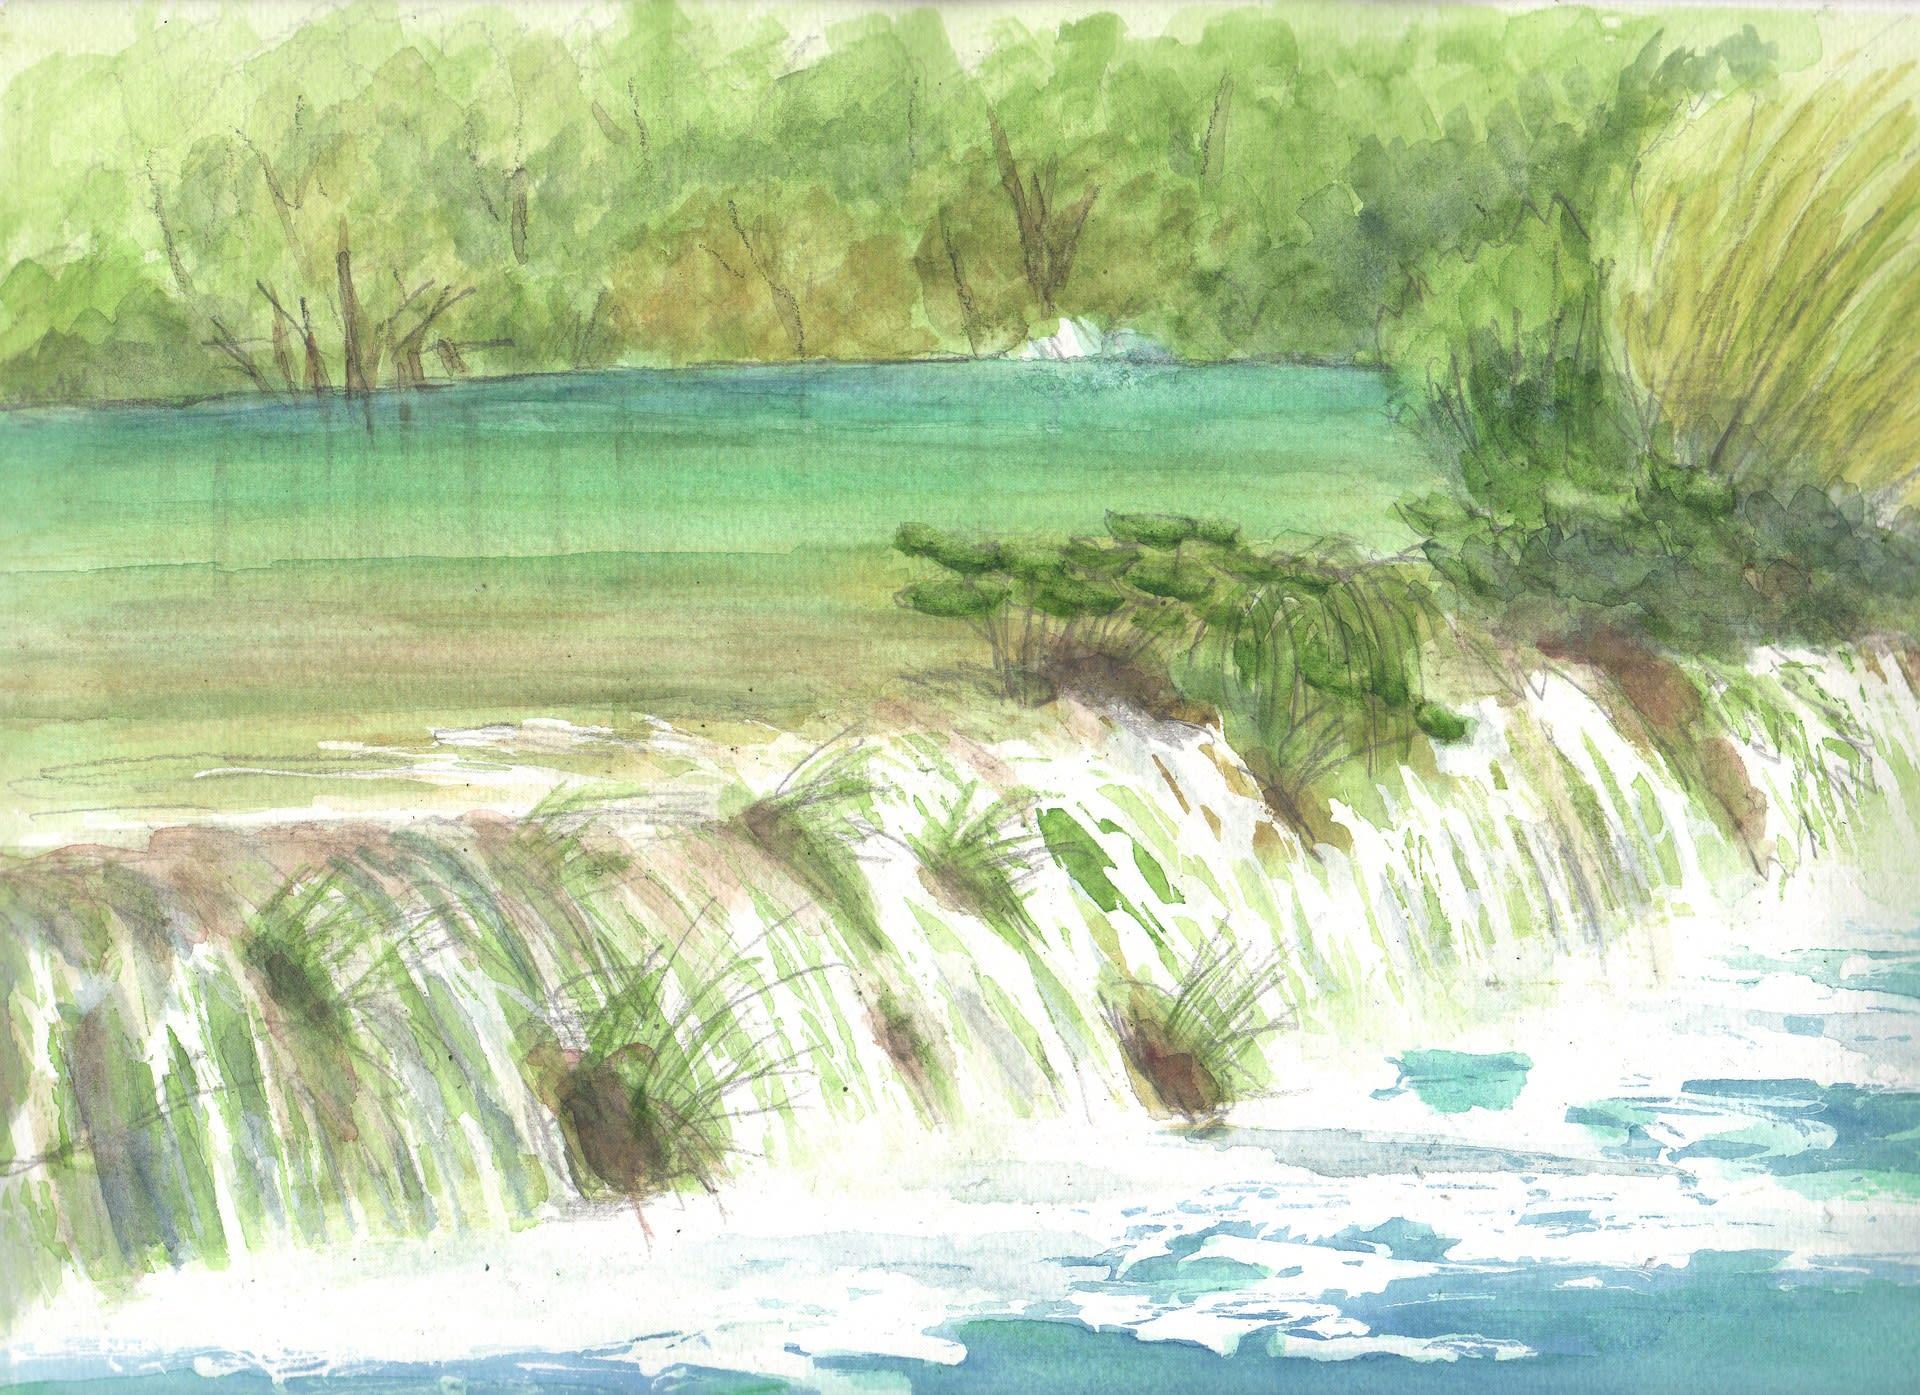 プリトヴィツェ湖群国立公園の画像 p1_34